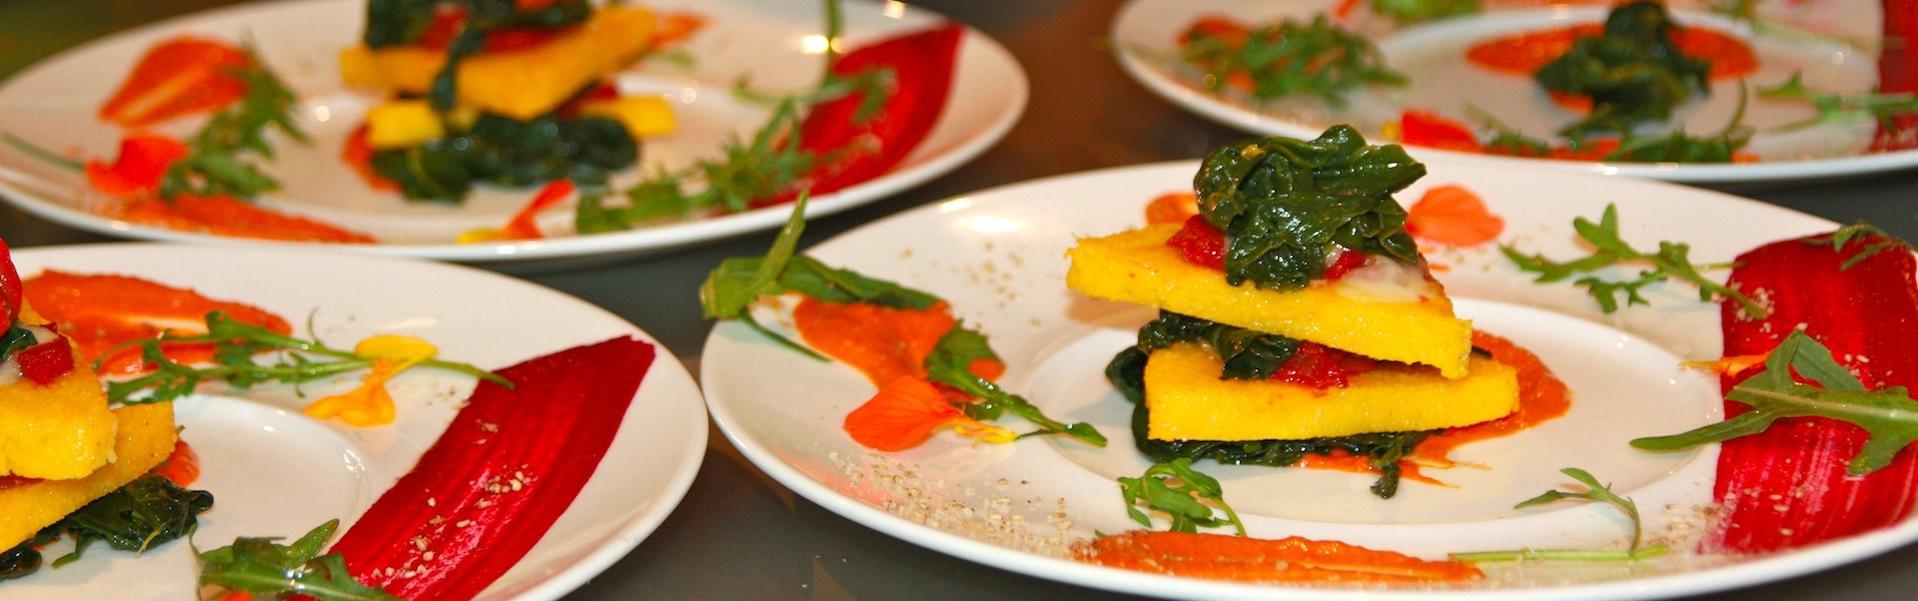 Restaurant gastronomique lyon la source dor e for Formation cuisine gastronomique